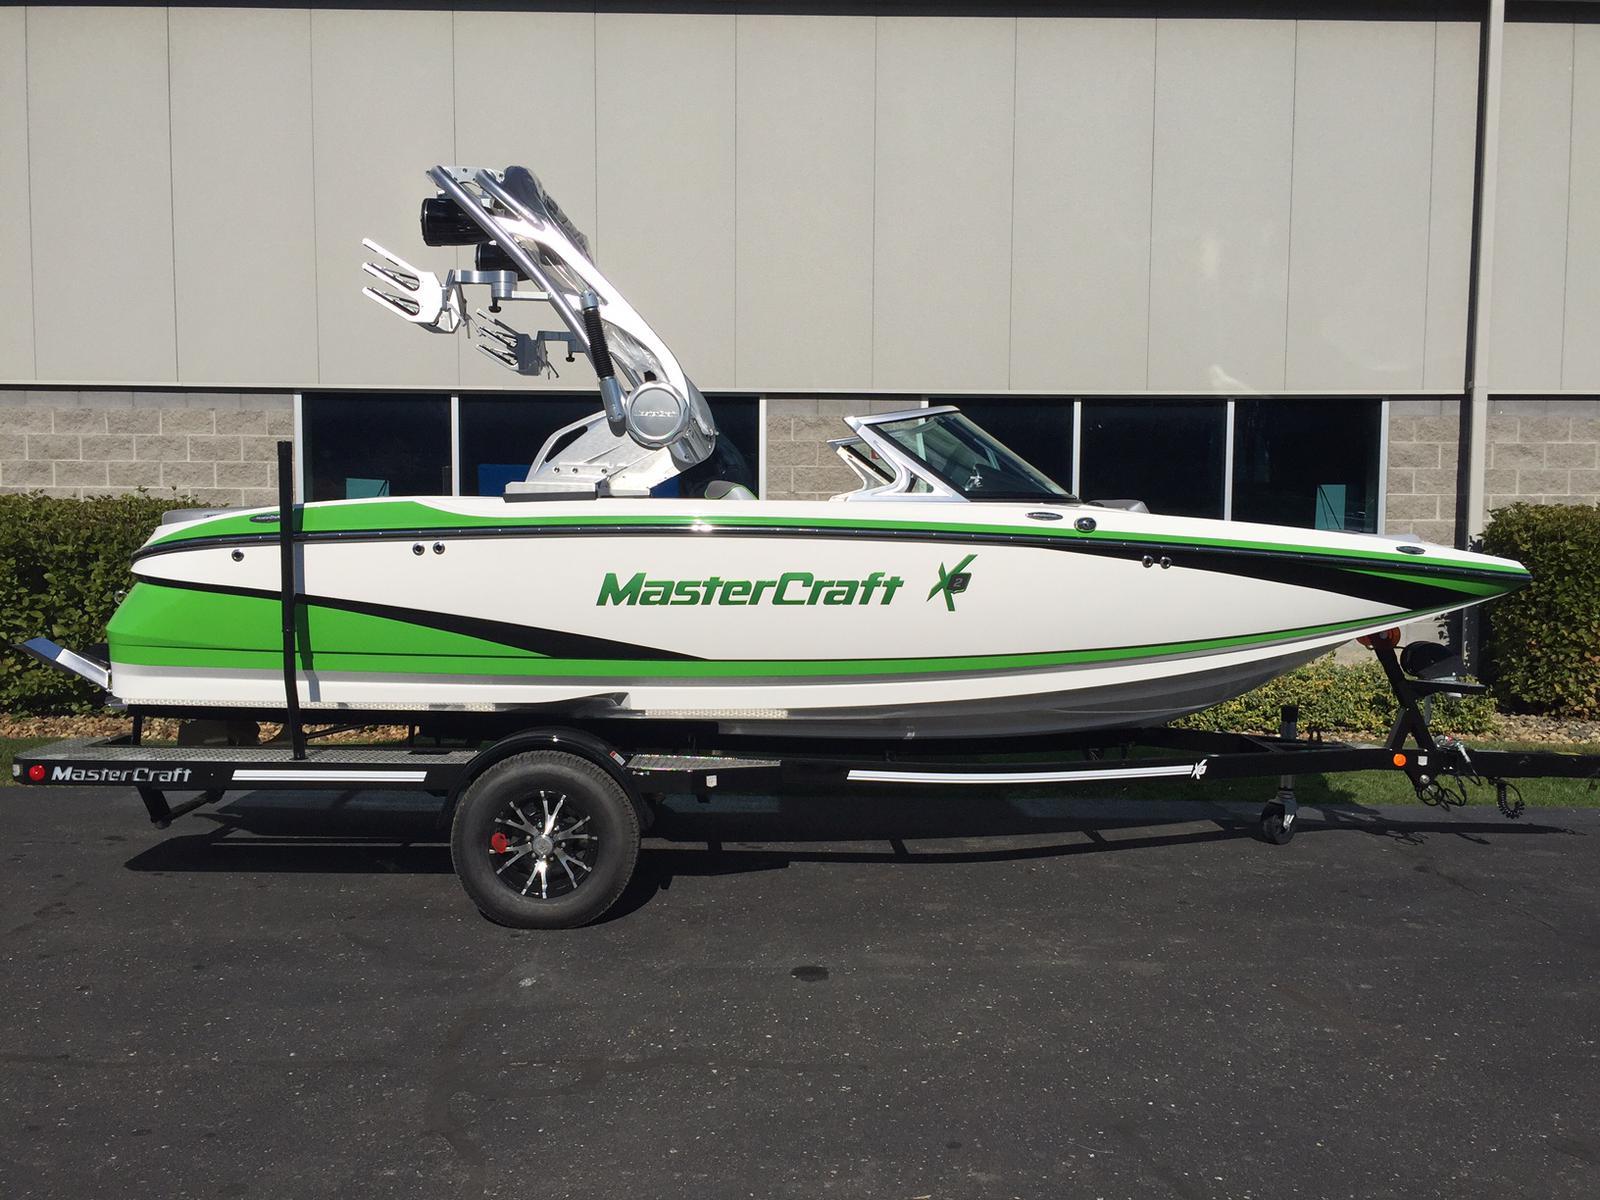 Mastercraft Sport/Ski Boat X-2